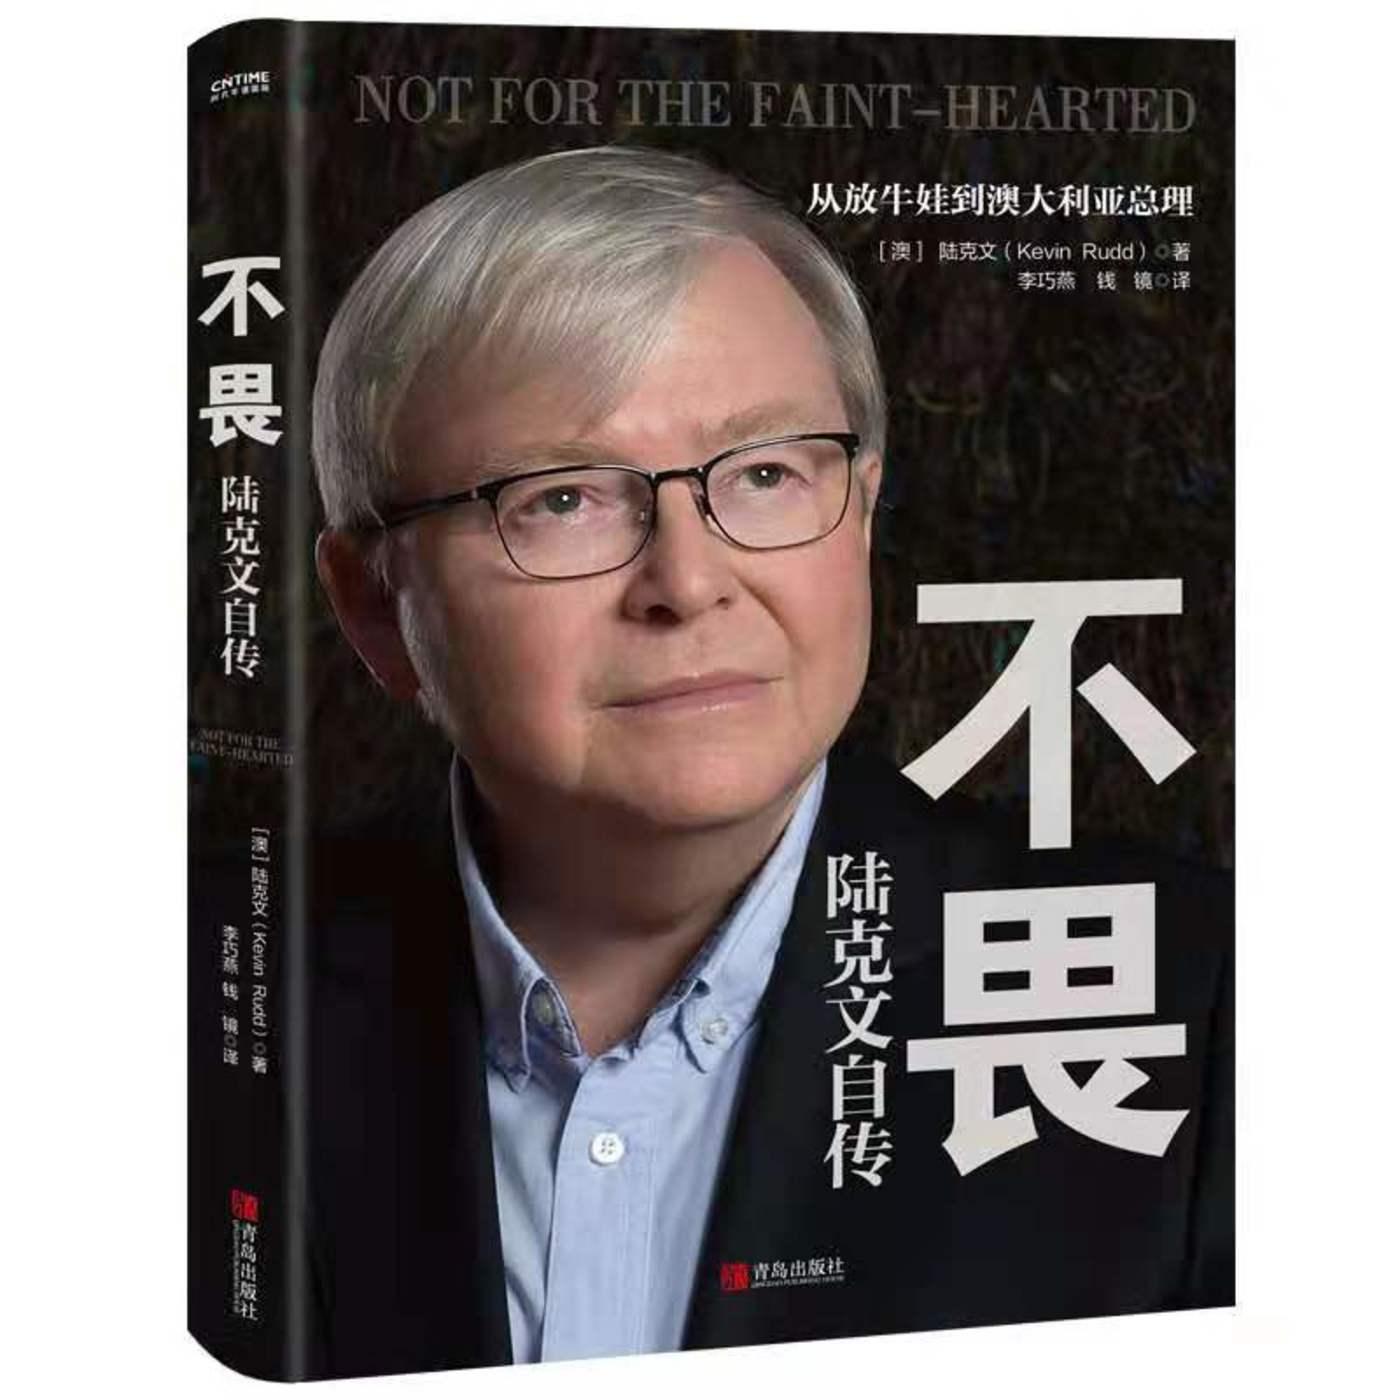 书名:《不畏:陆克文自传》作者:陆克文 出版社:青岛出版社 出版时间:2021年3月